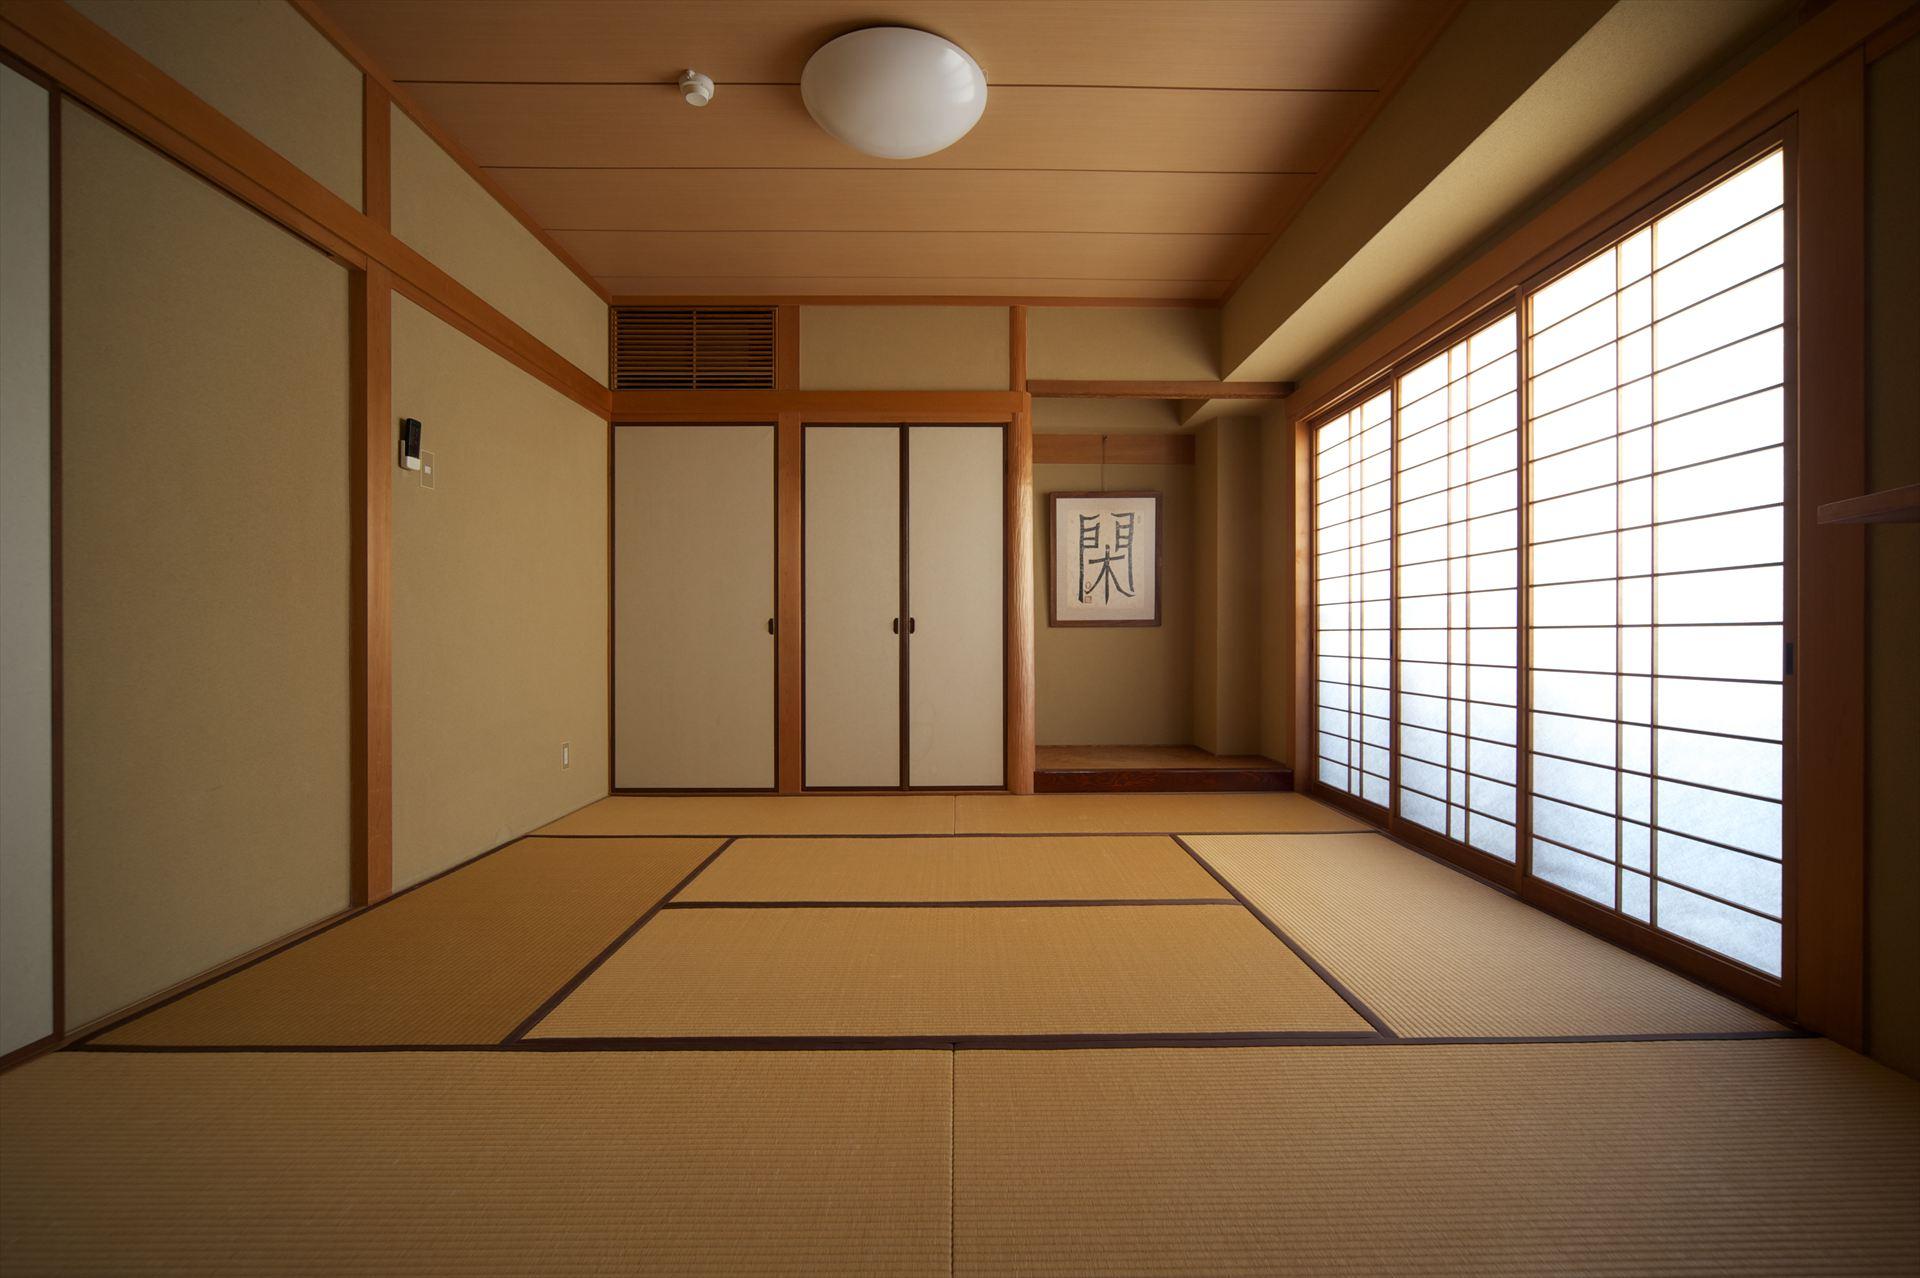 Casa giapponese tradizionale la varie parti for Stanza giapponese